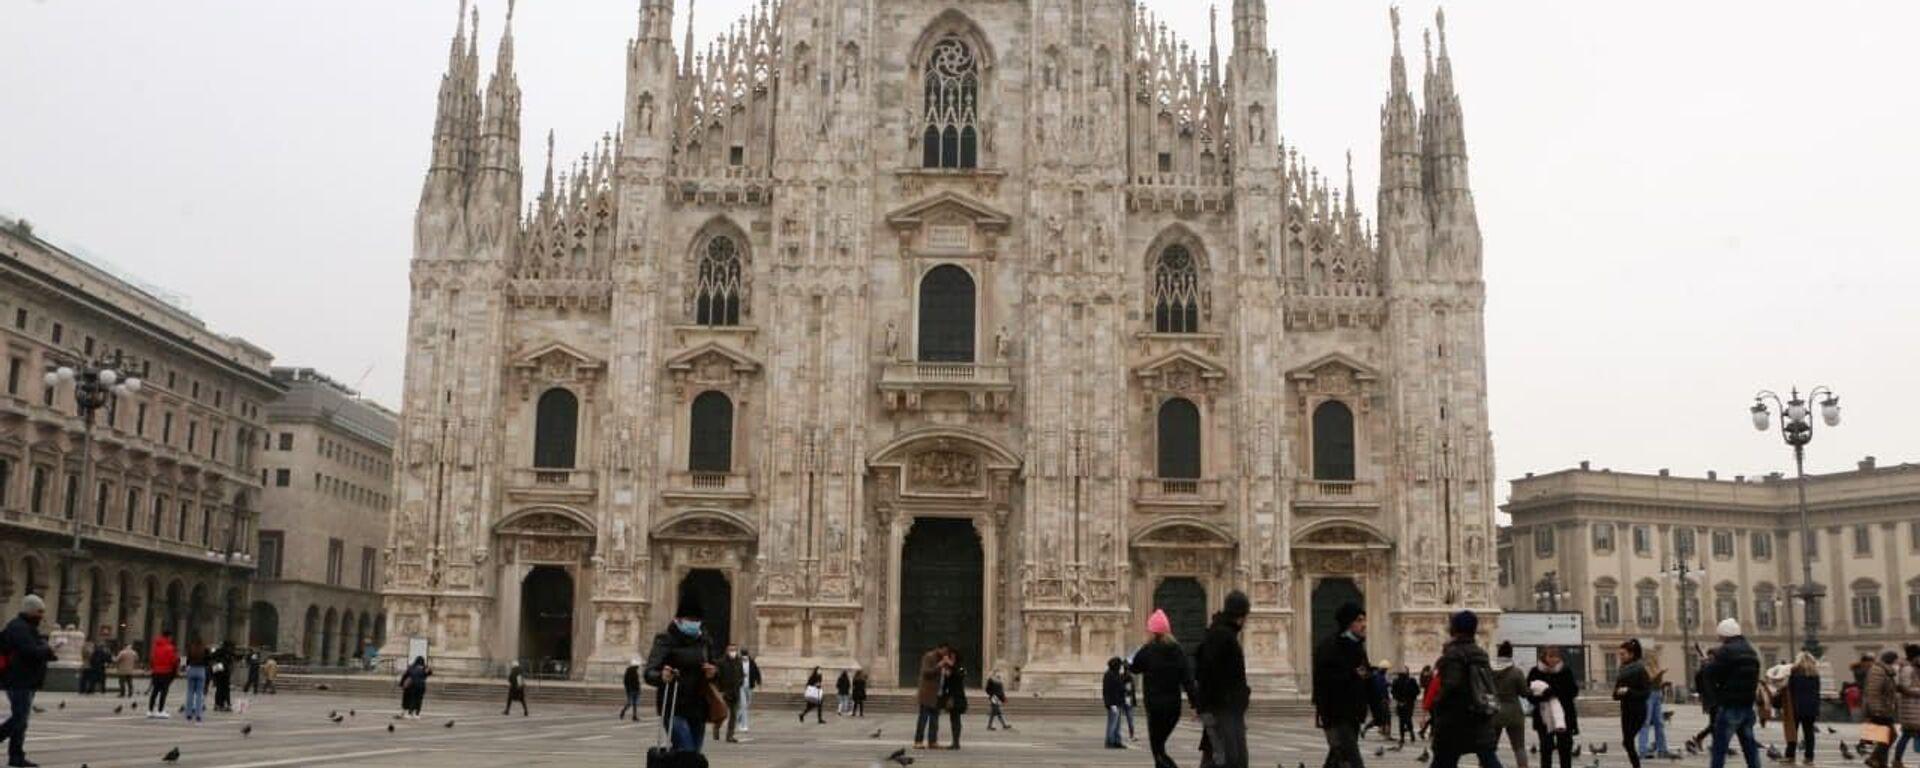 Piazza del Duomo a Milano, Italia - Sputnik Italia, 1920, 15.05.2021